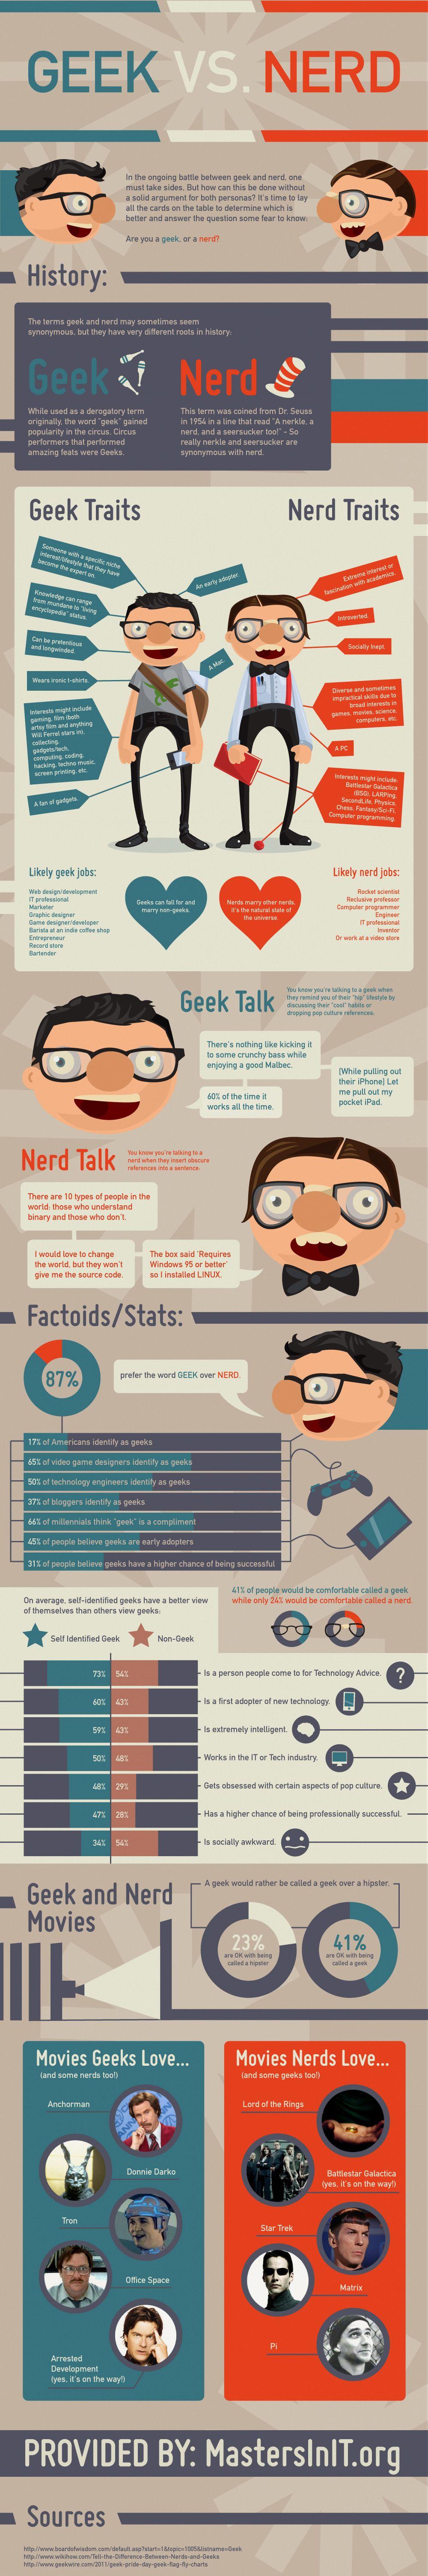 Geek vs. Nerds